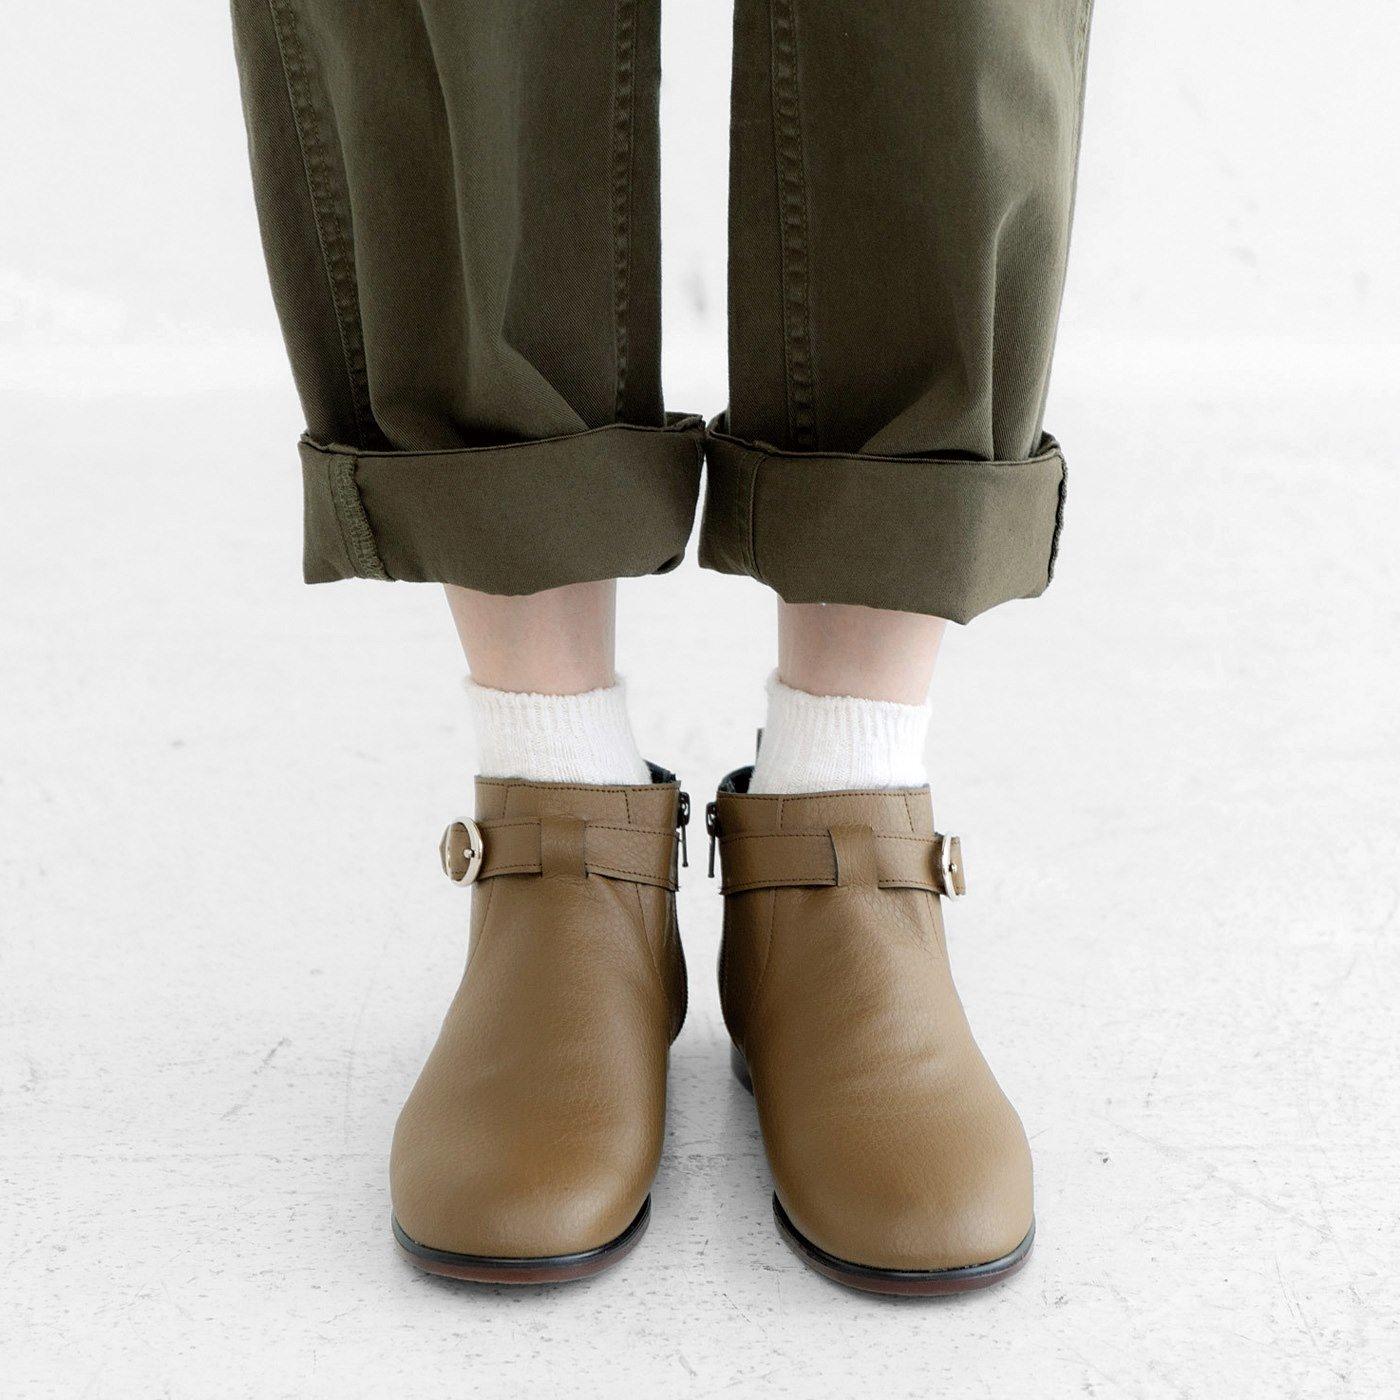 ずっと履きたいからこの形になった はっ水牛革のやわらか日本製ショート丈ブーツ〈オリーブブラウン〉